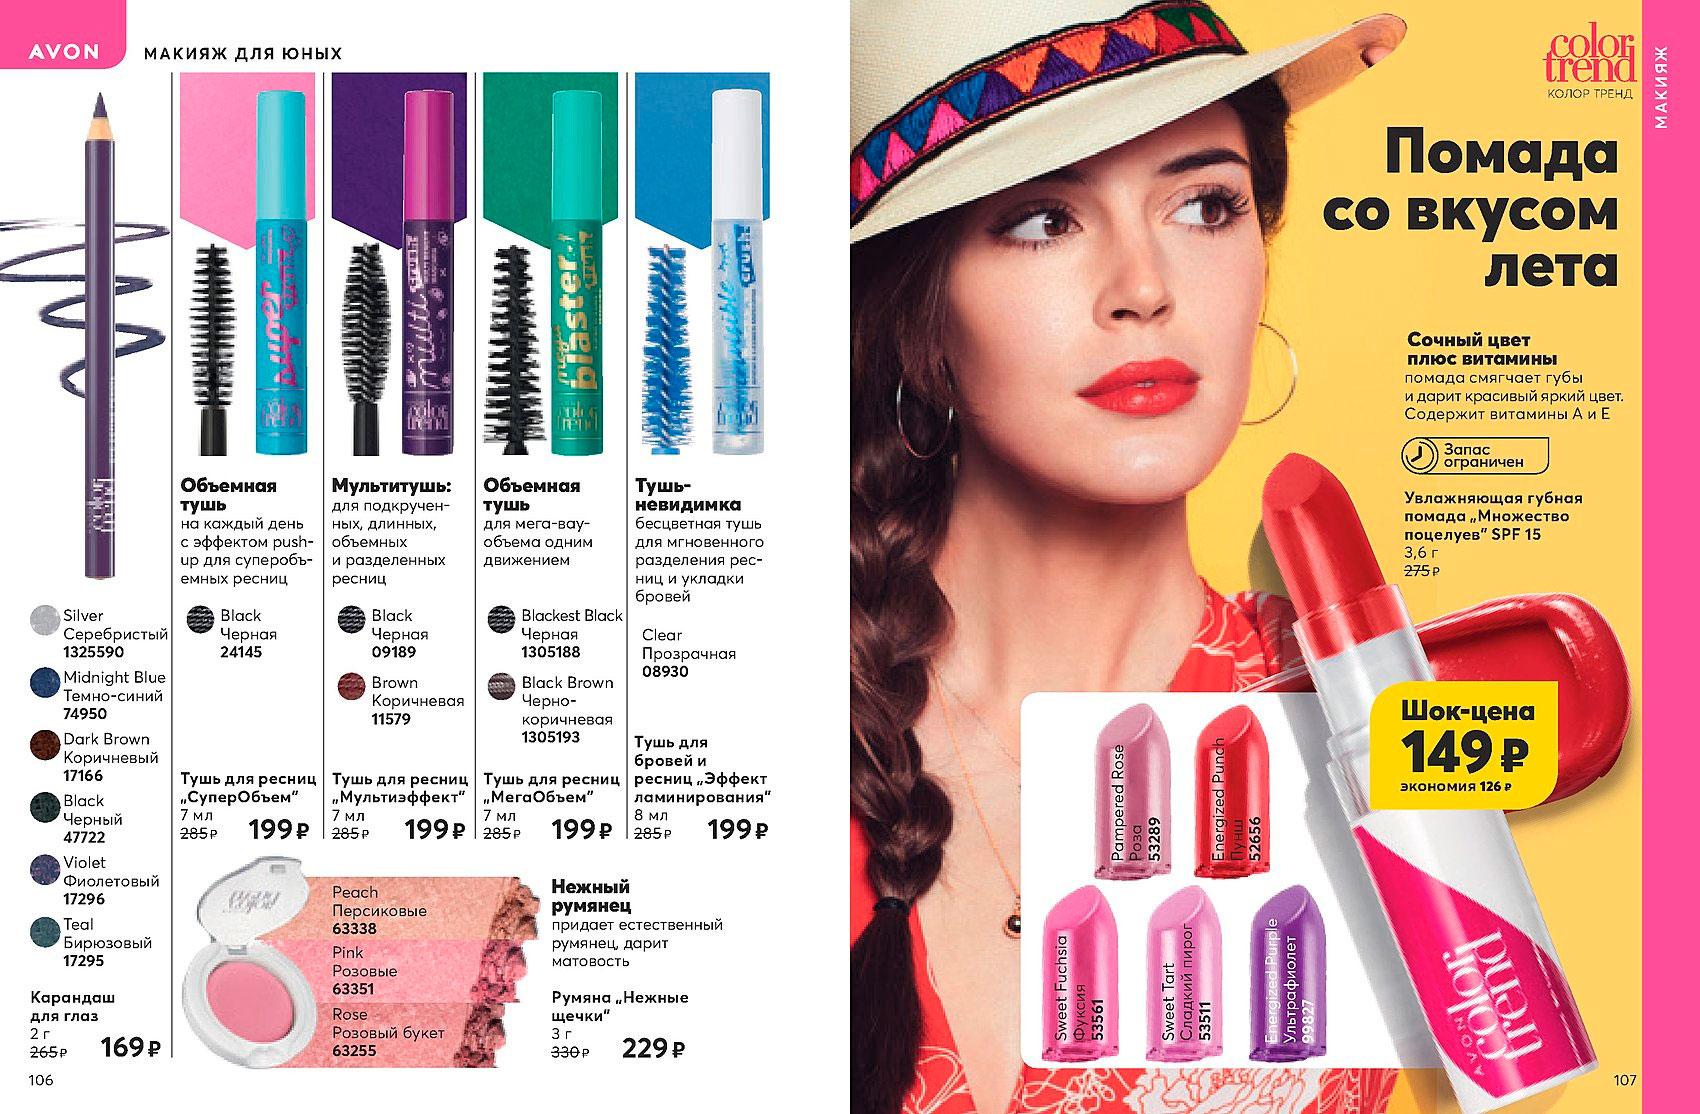 Avon ноябрь что купить в вьетнаме из косметики